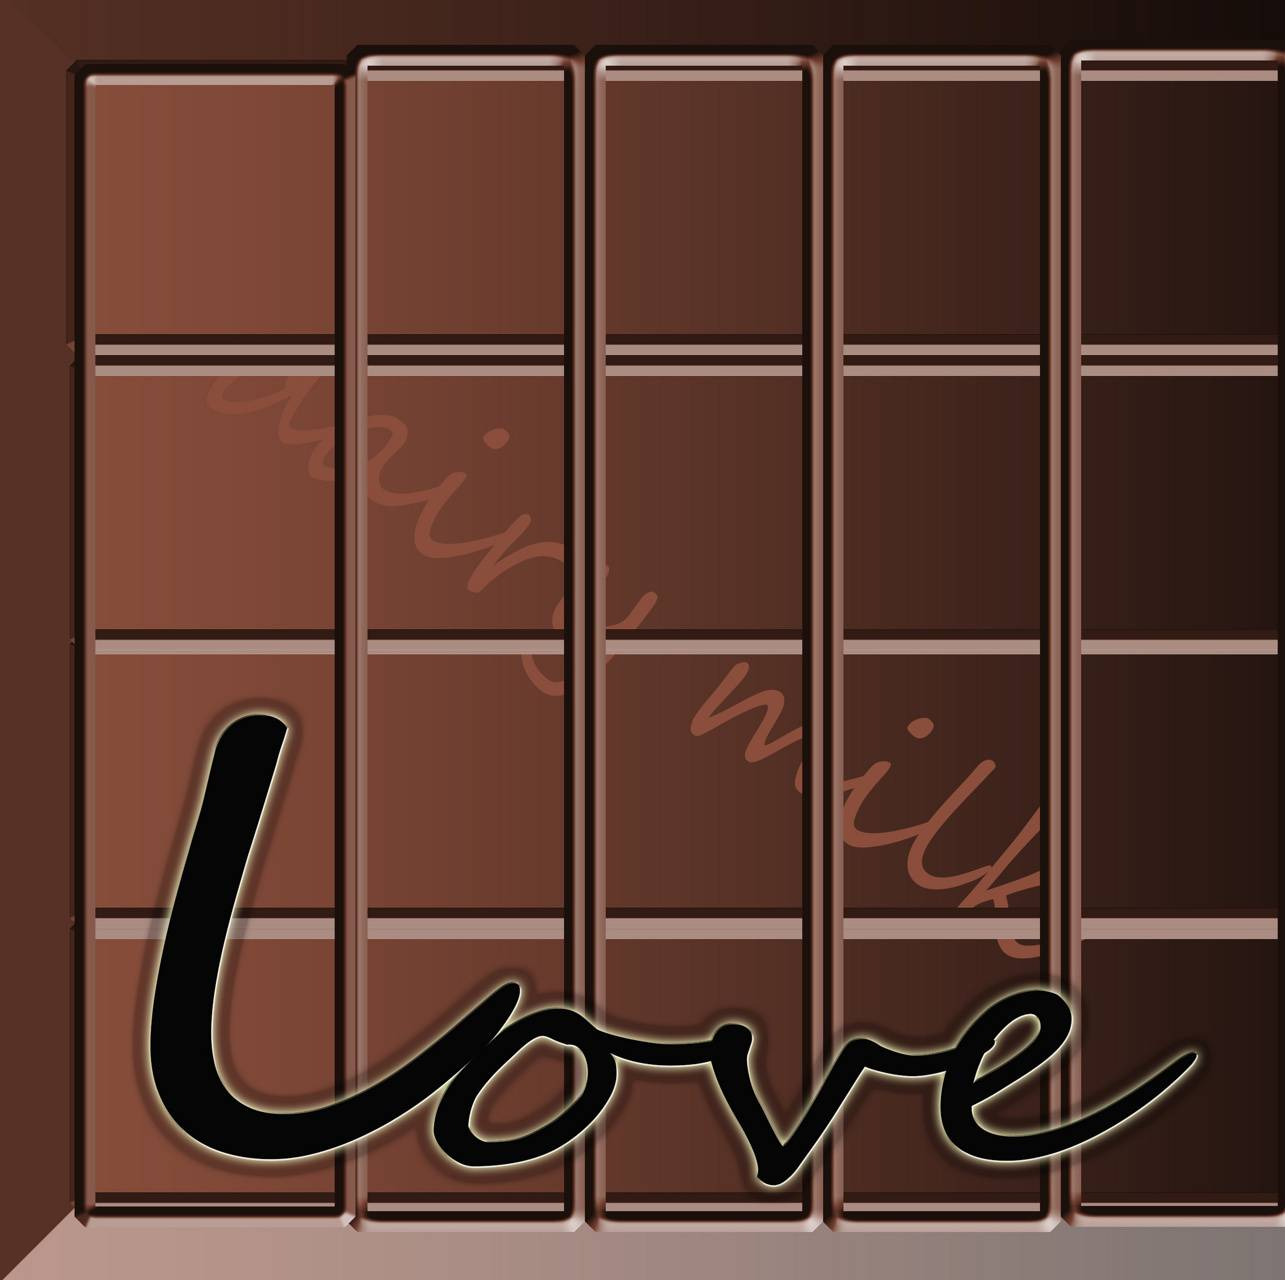 Lovecadbury